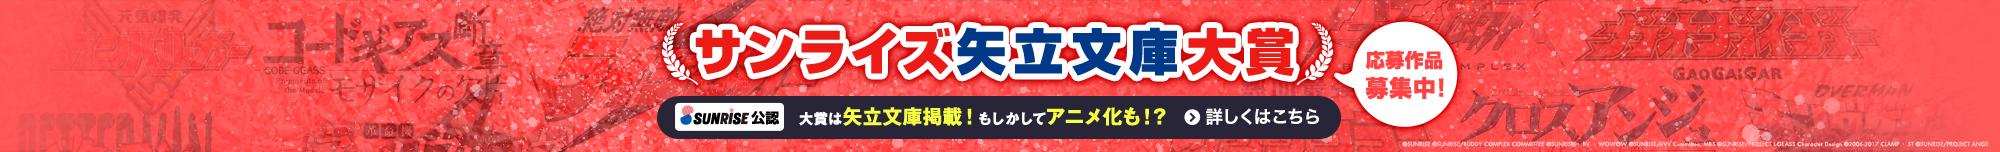 サンライズ矢立文庫大賞